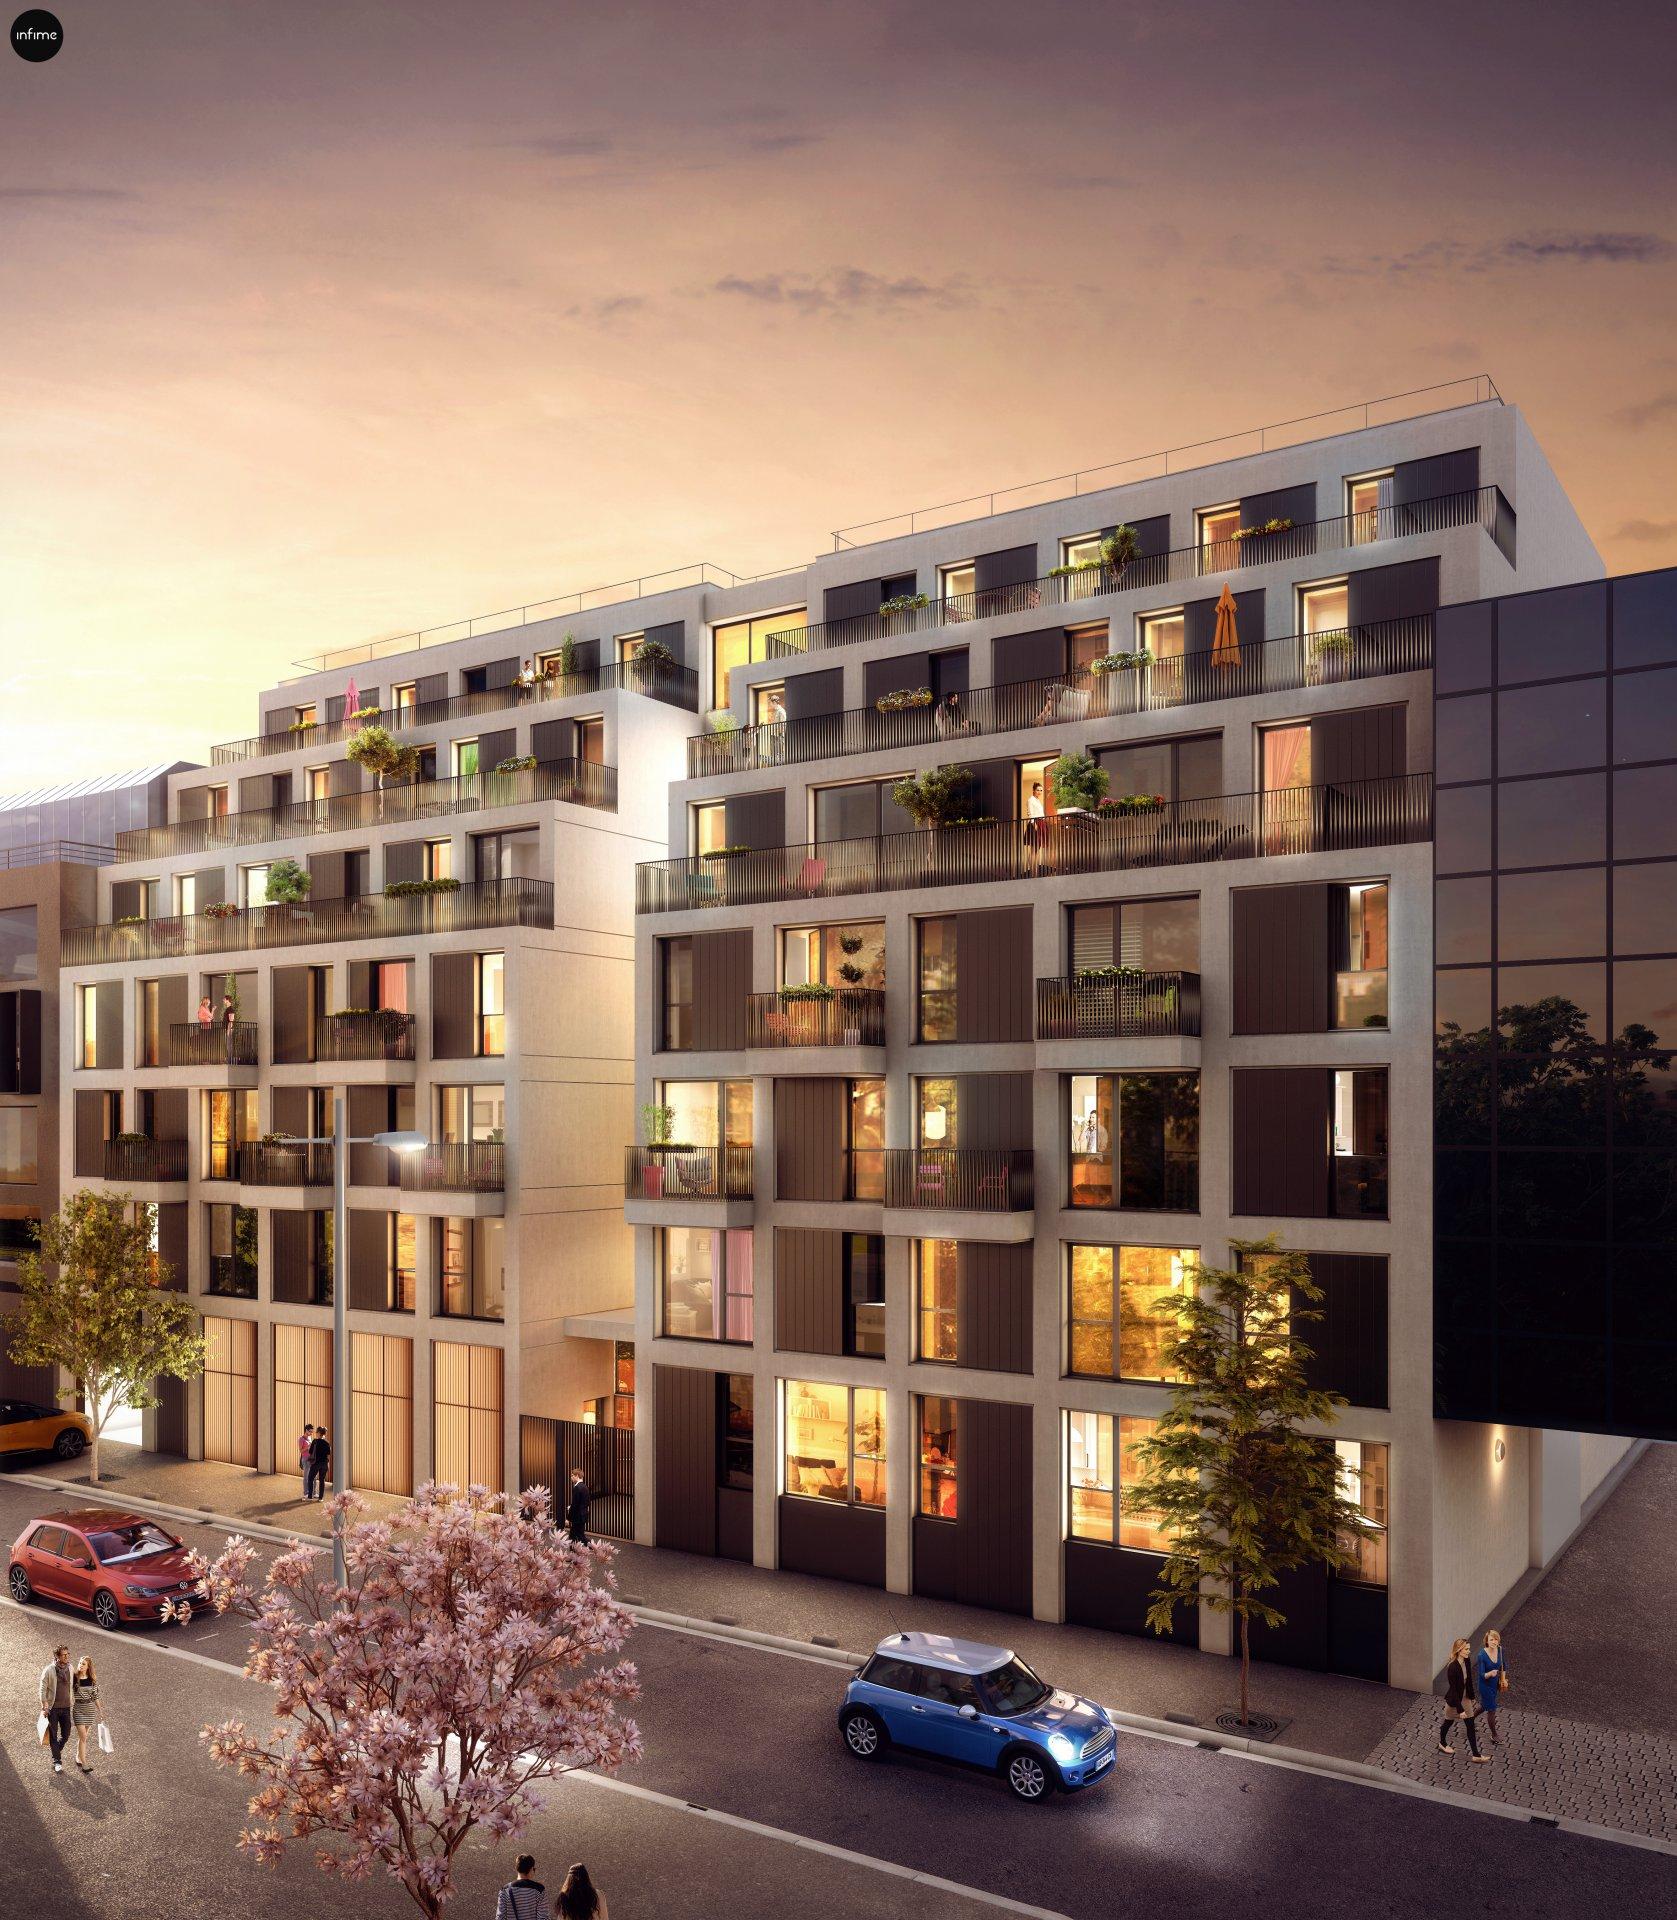 Development Building - Issy-les-Moulineaux